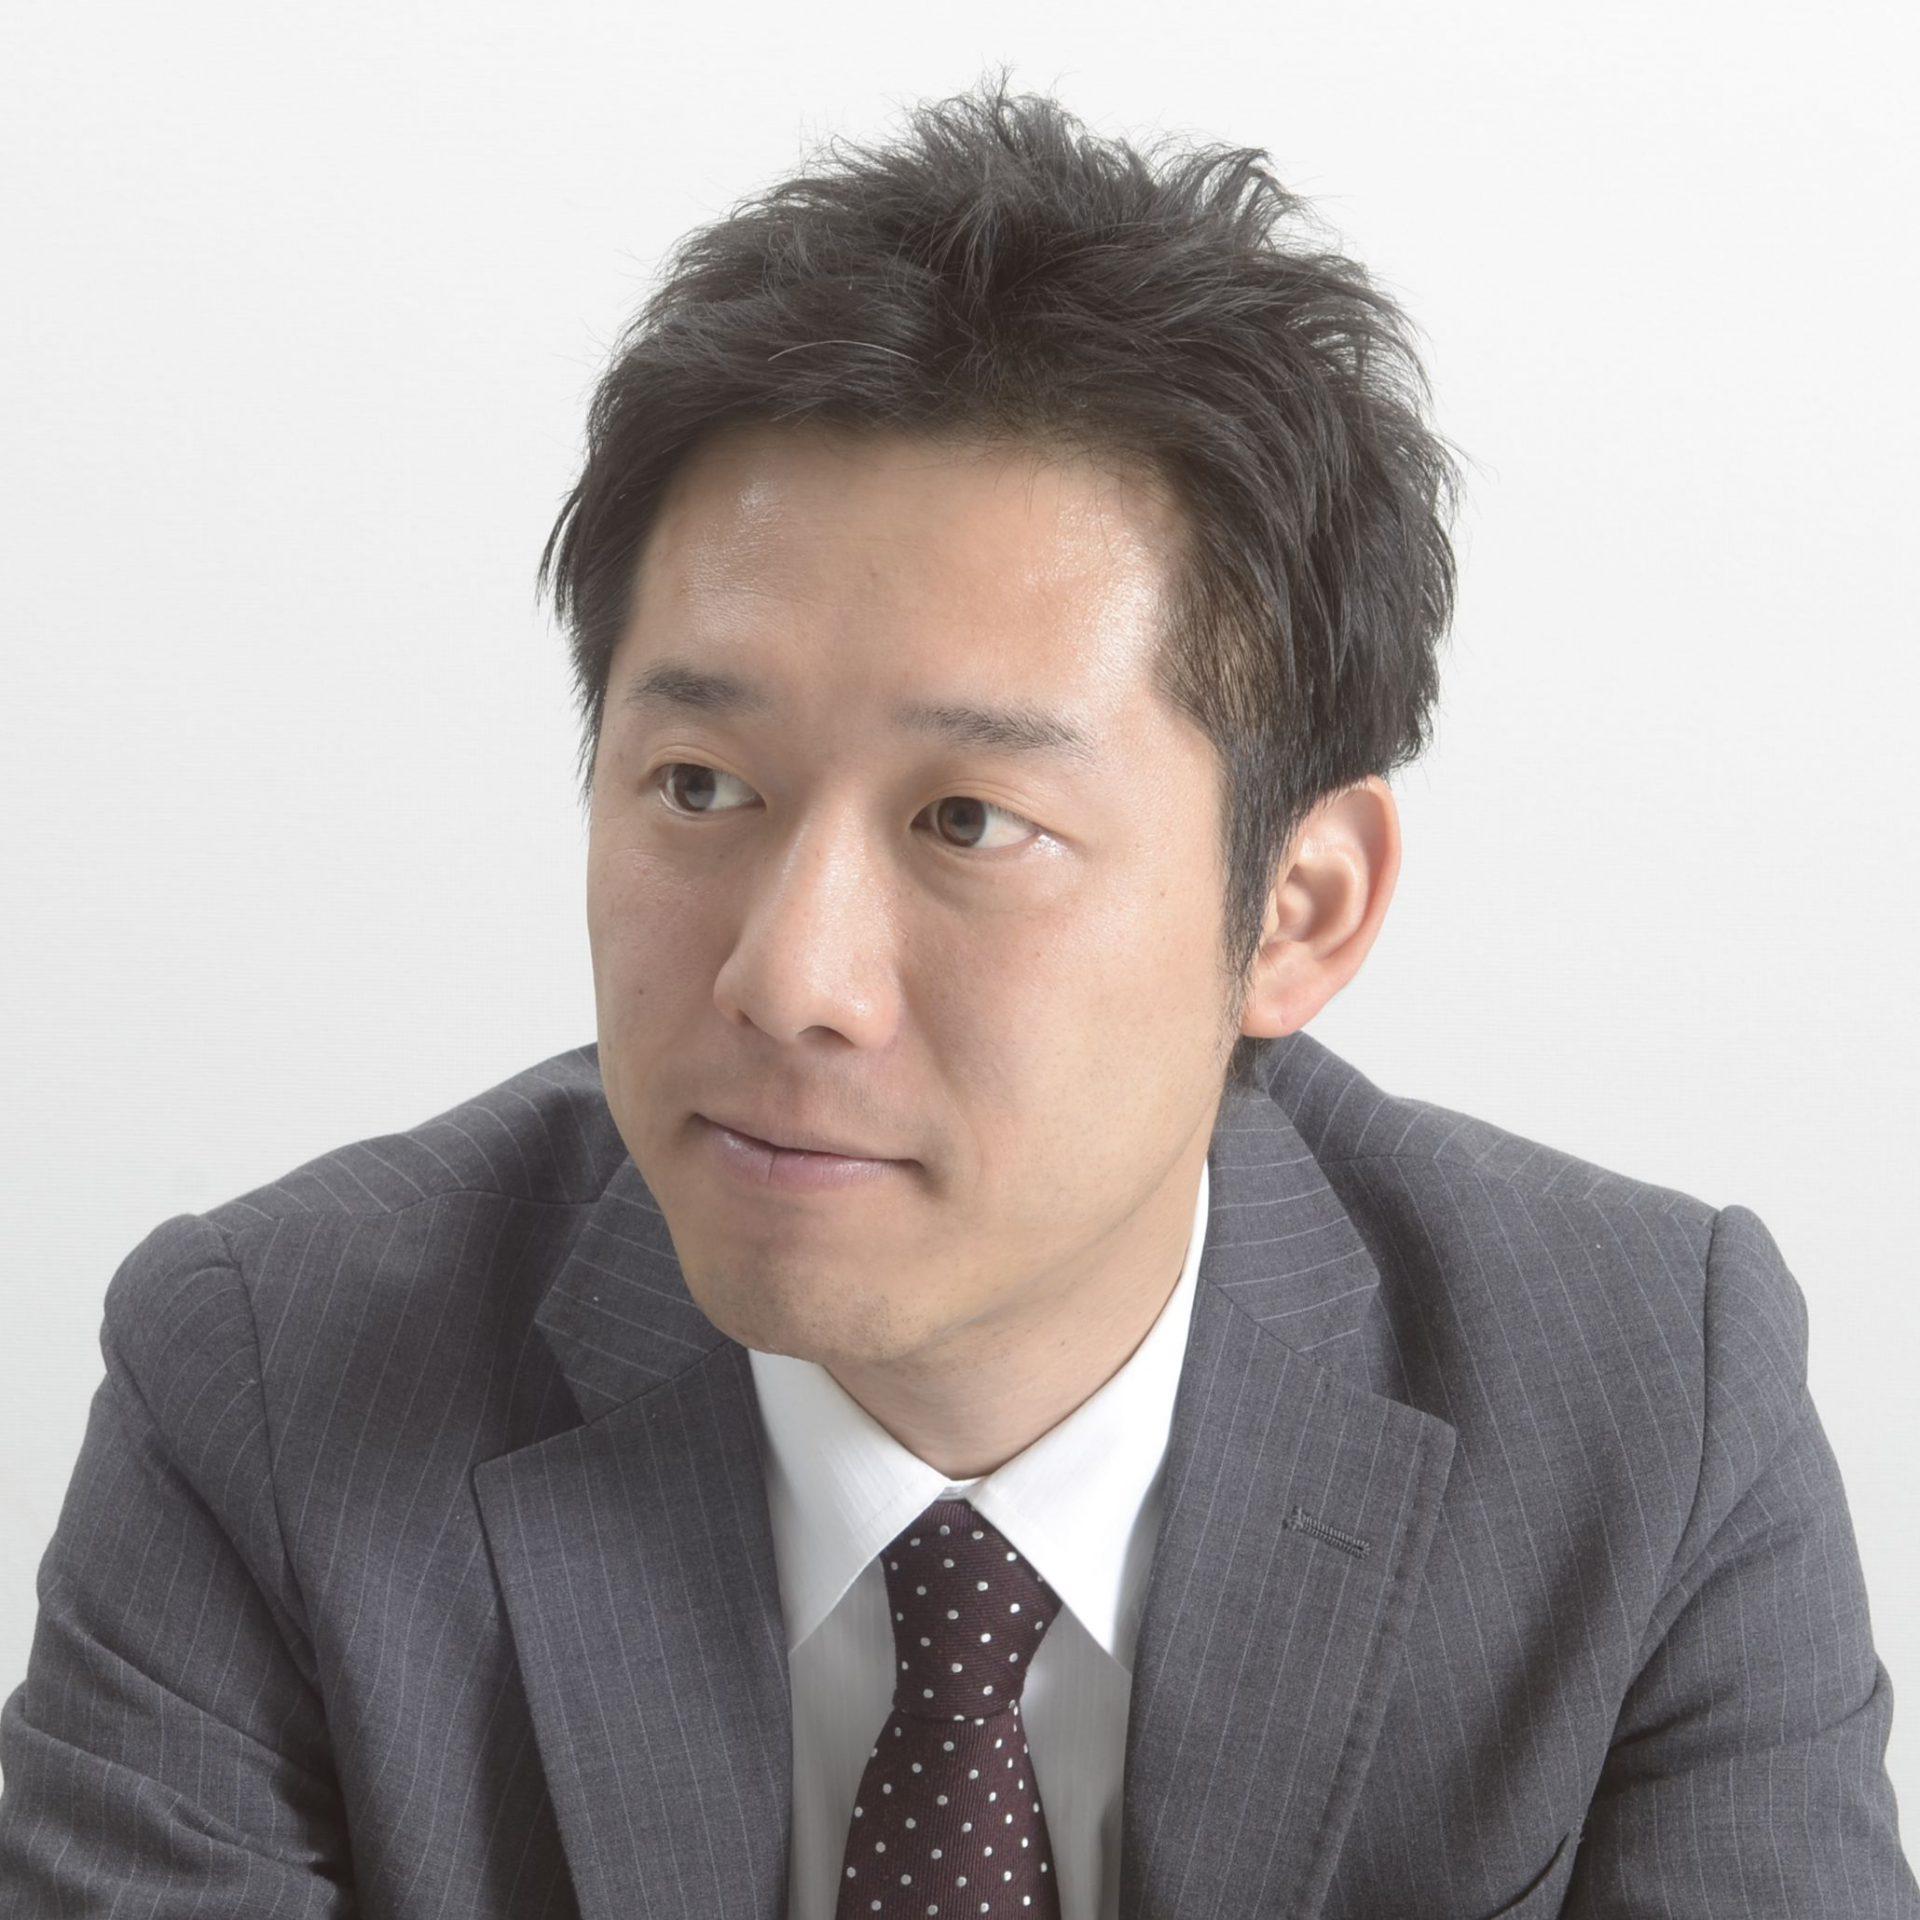 株式会社ブレインパッド マーケティングプラットフォーム本部 営業部長代理/シニアコンサルタント 柴田 剛氏